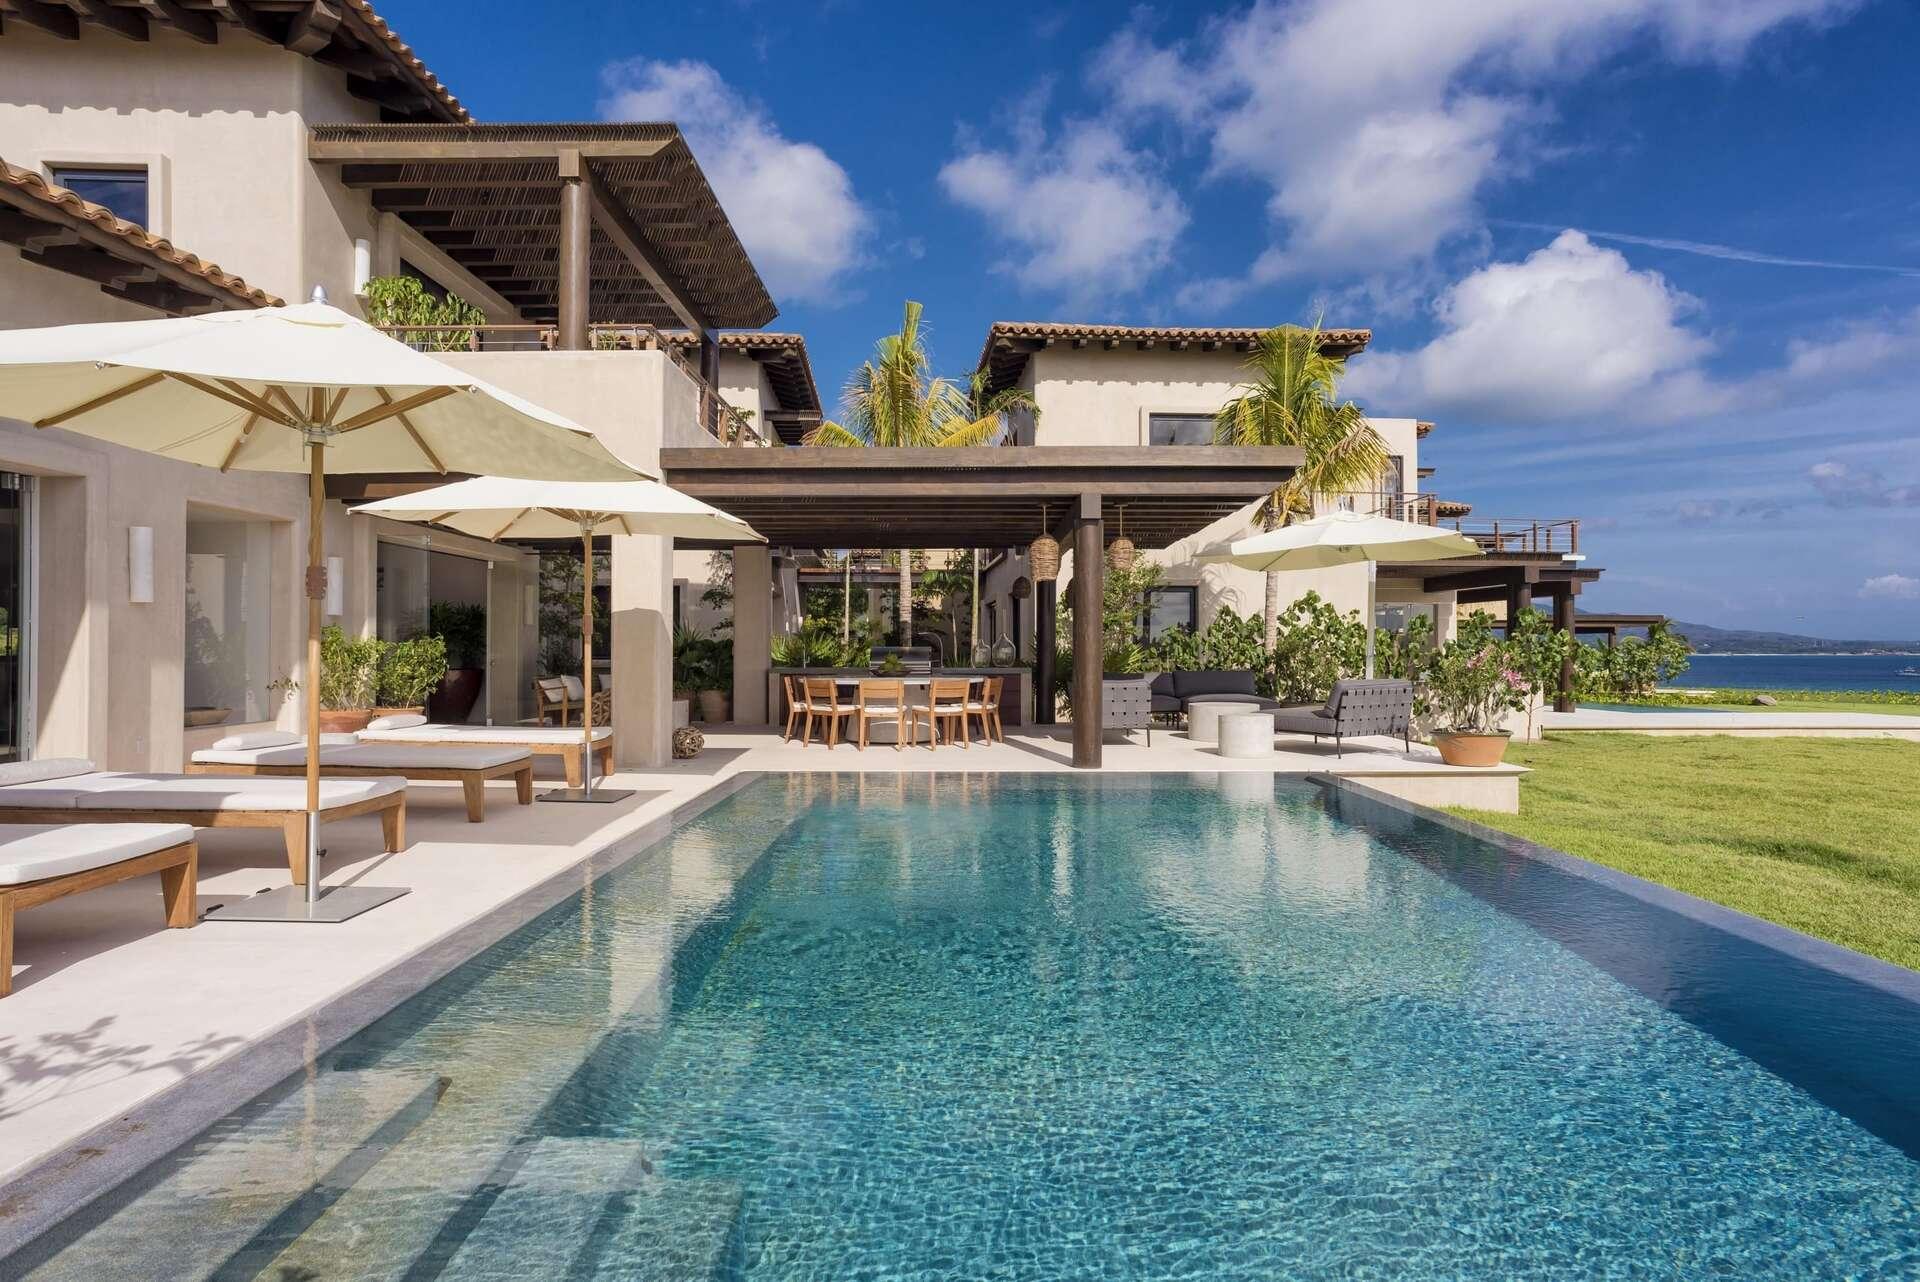 - Villa Estrella - Image 1/16